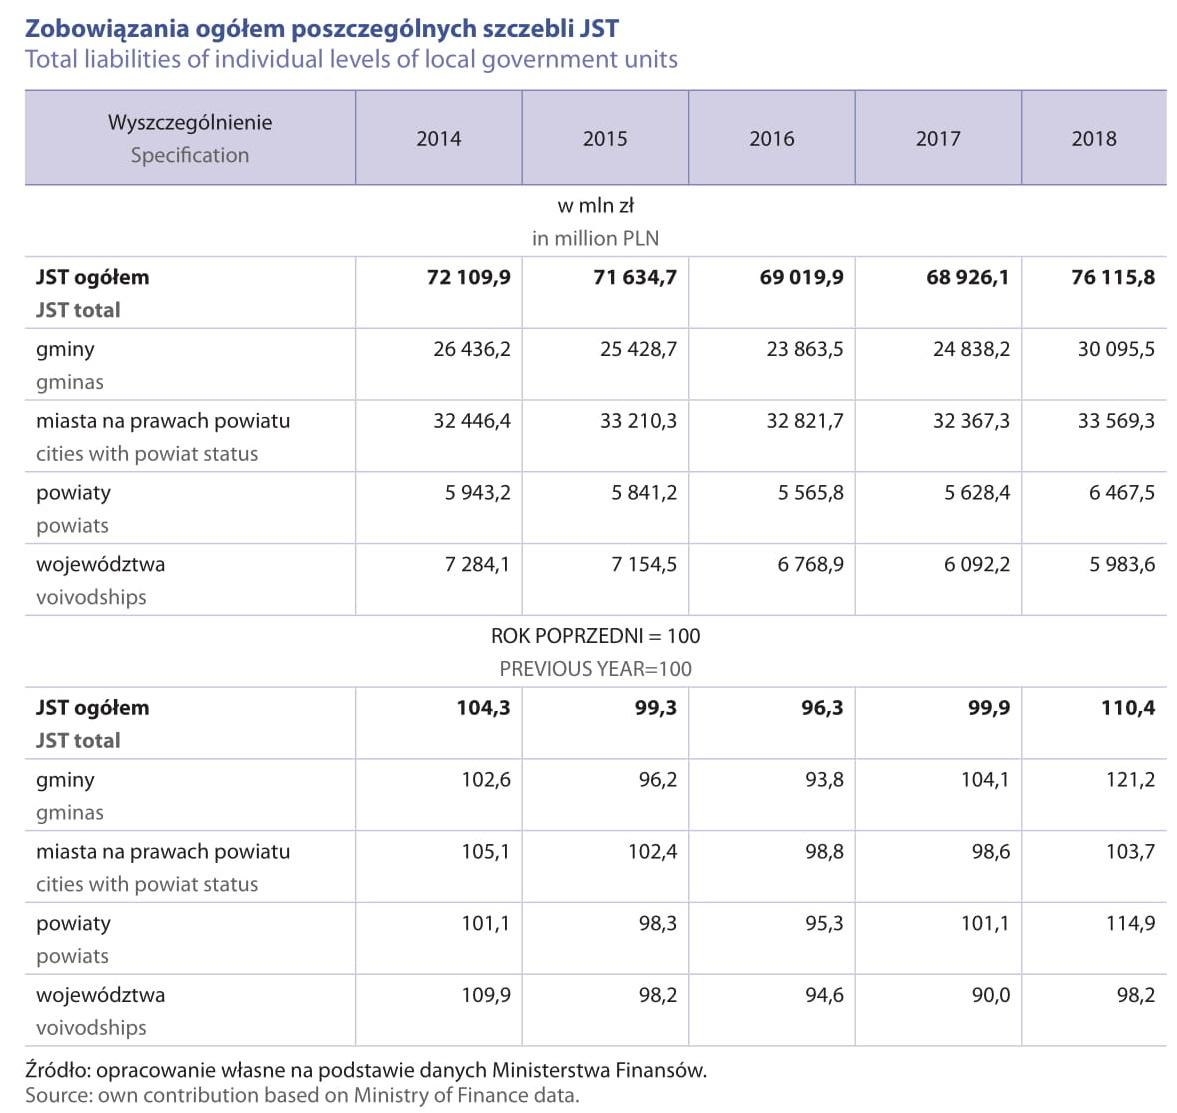 Zobowiązania ogółem poszczególnych szczebli JST (fot. raport GUS)